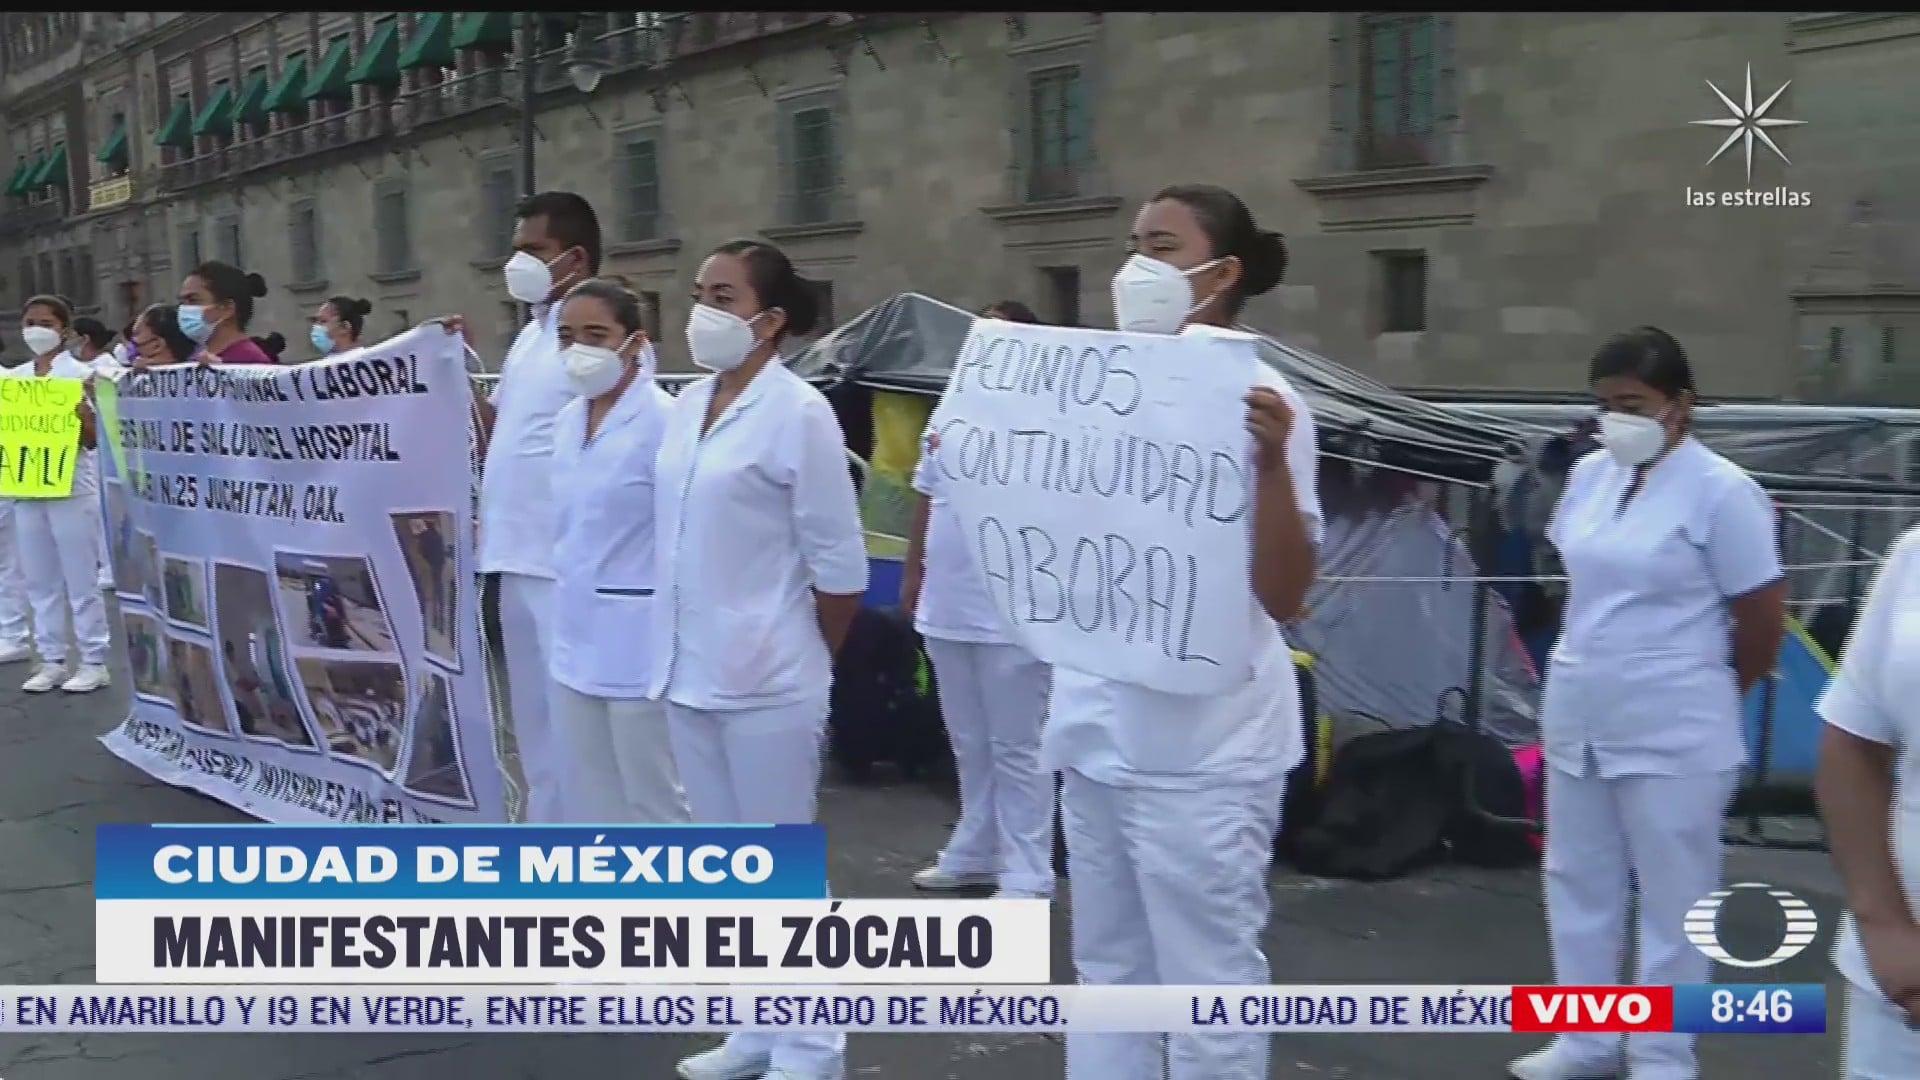 personal medico de oaxaca protesta en zocalo de cdmx para que sean reubicados